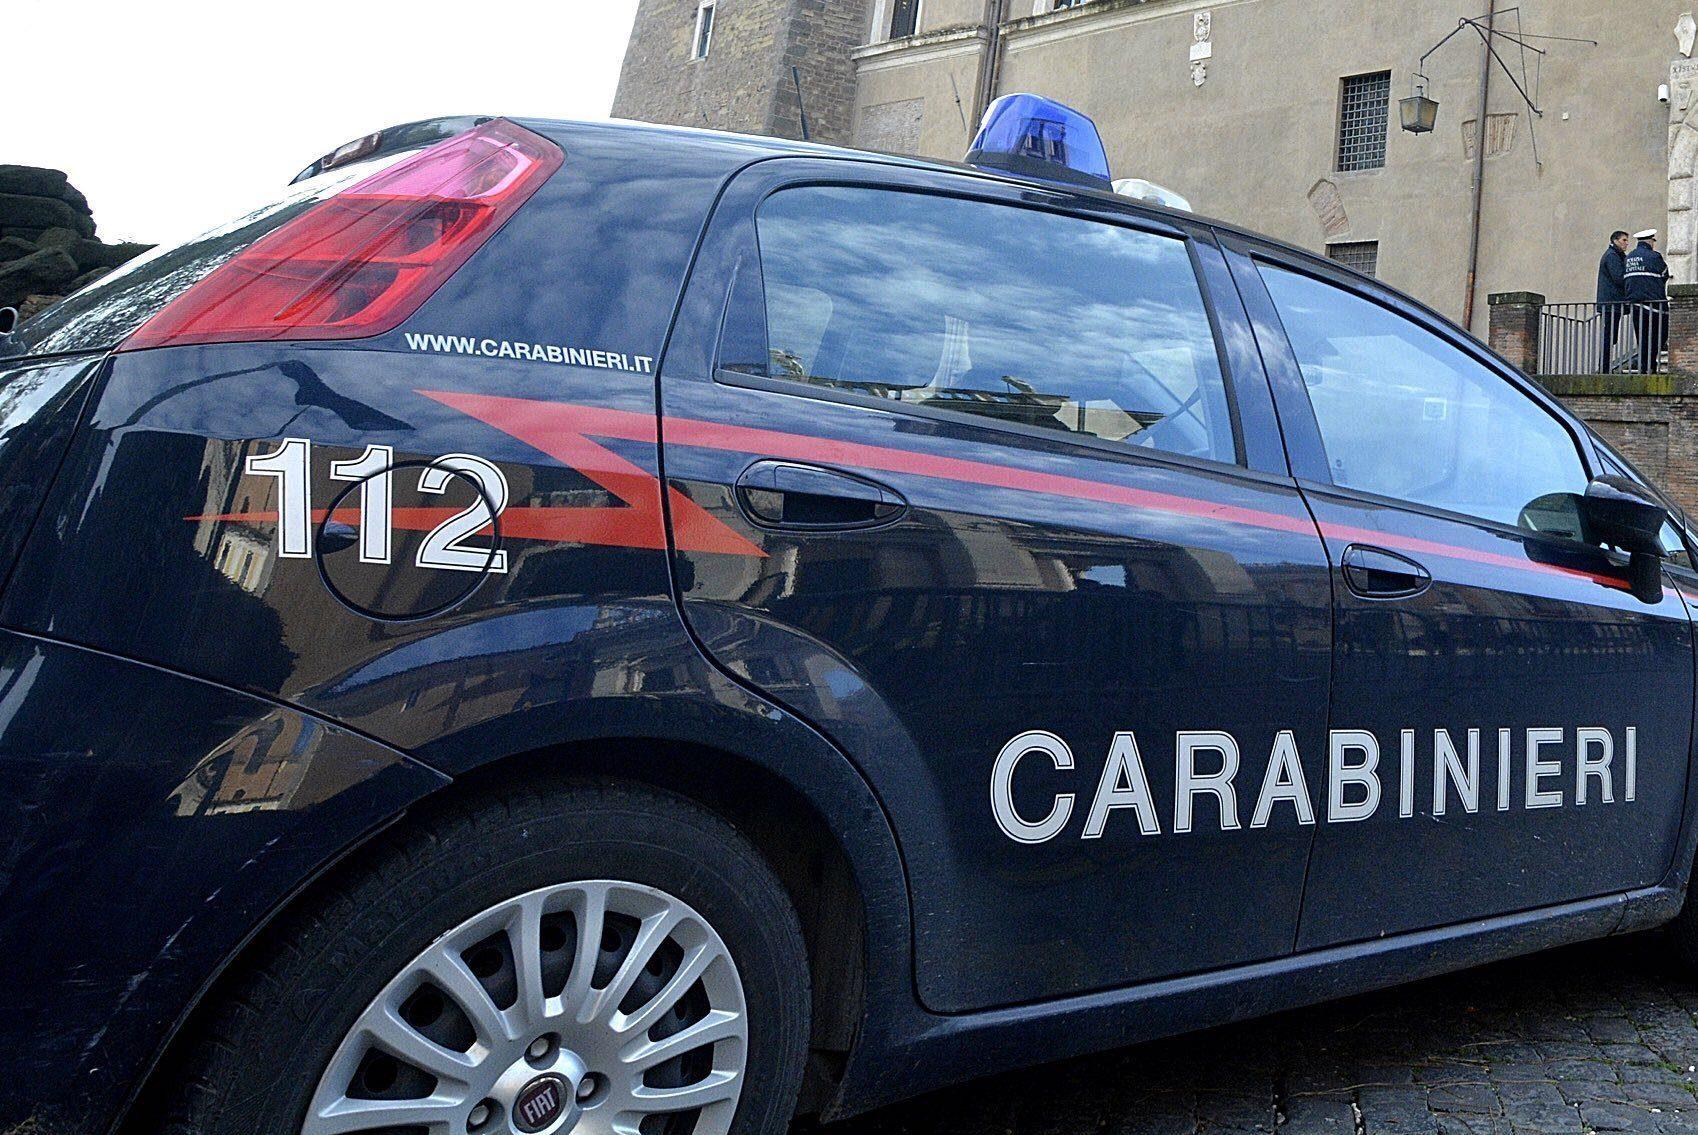 Tragedia ad Alzate Brianza: anziano precipita dal balcone di casa, morto sul colpo - Milano Fanpage.it